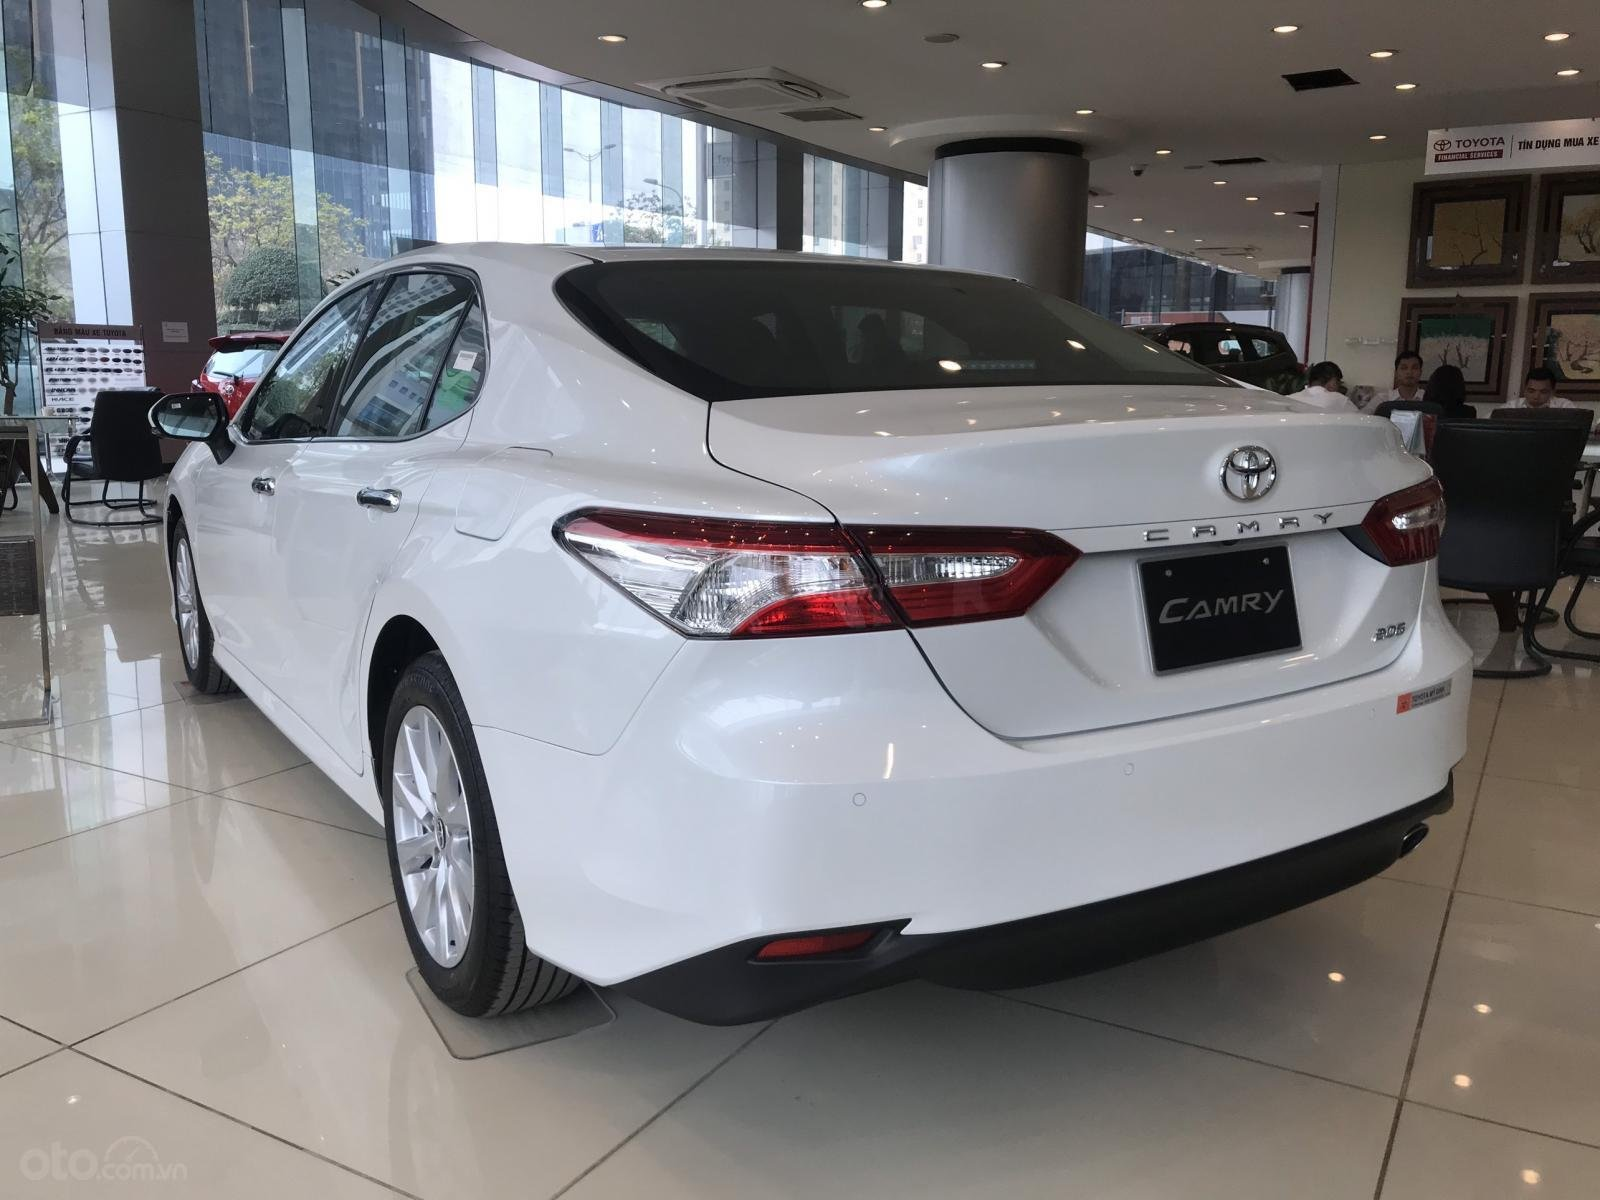 Bán xe Toyota Camry 2020 mới giá tốt khuyến mãi lớn miền Bắc, xe giao ngay hỗ trợ trả góp lãi suất thấp (9)